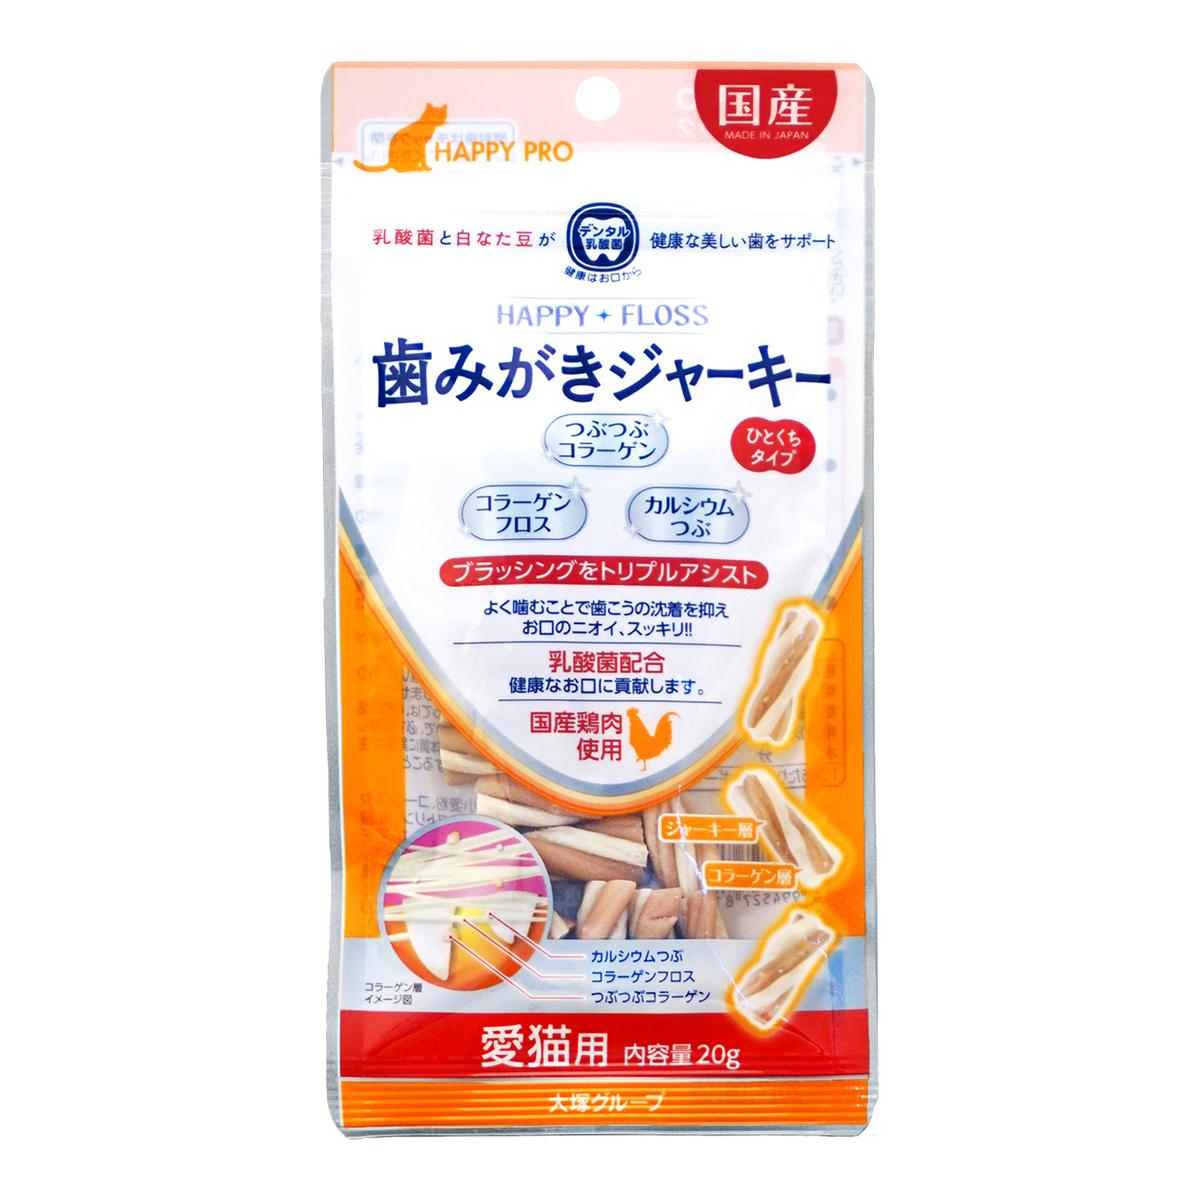 EB Lactic Acid Bacteria Dental Treats Chicken Flavors (Cats)